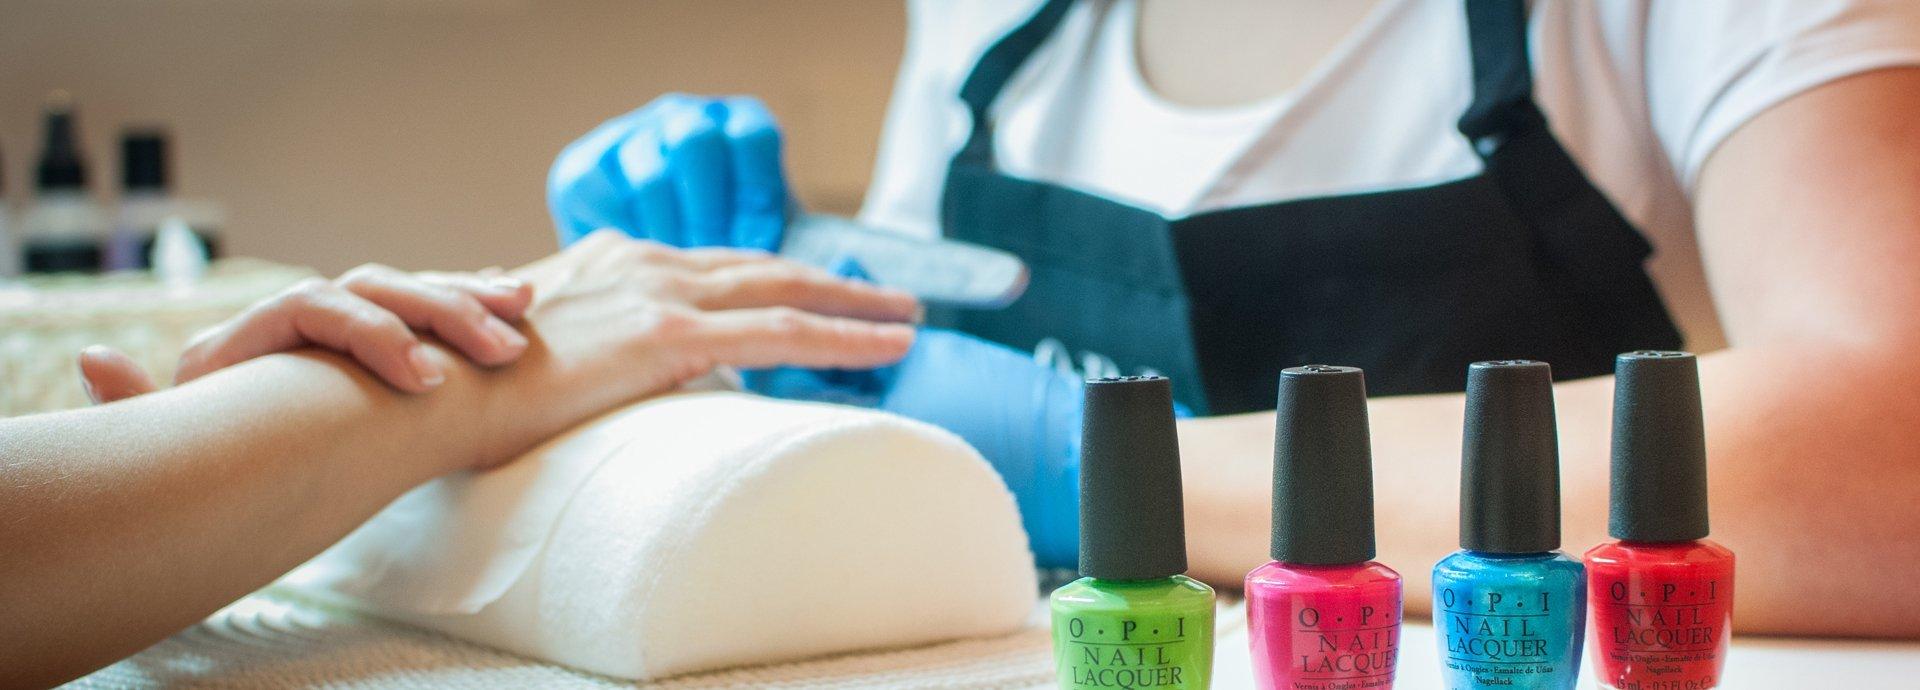 ricostruzione unghie e nails